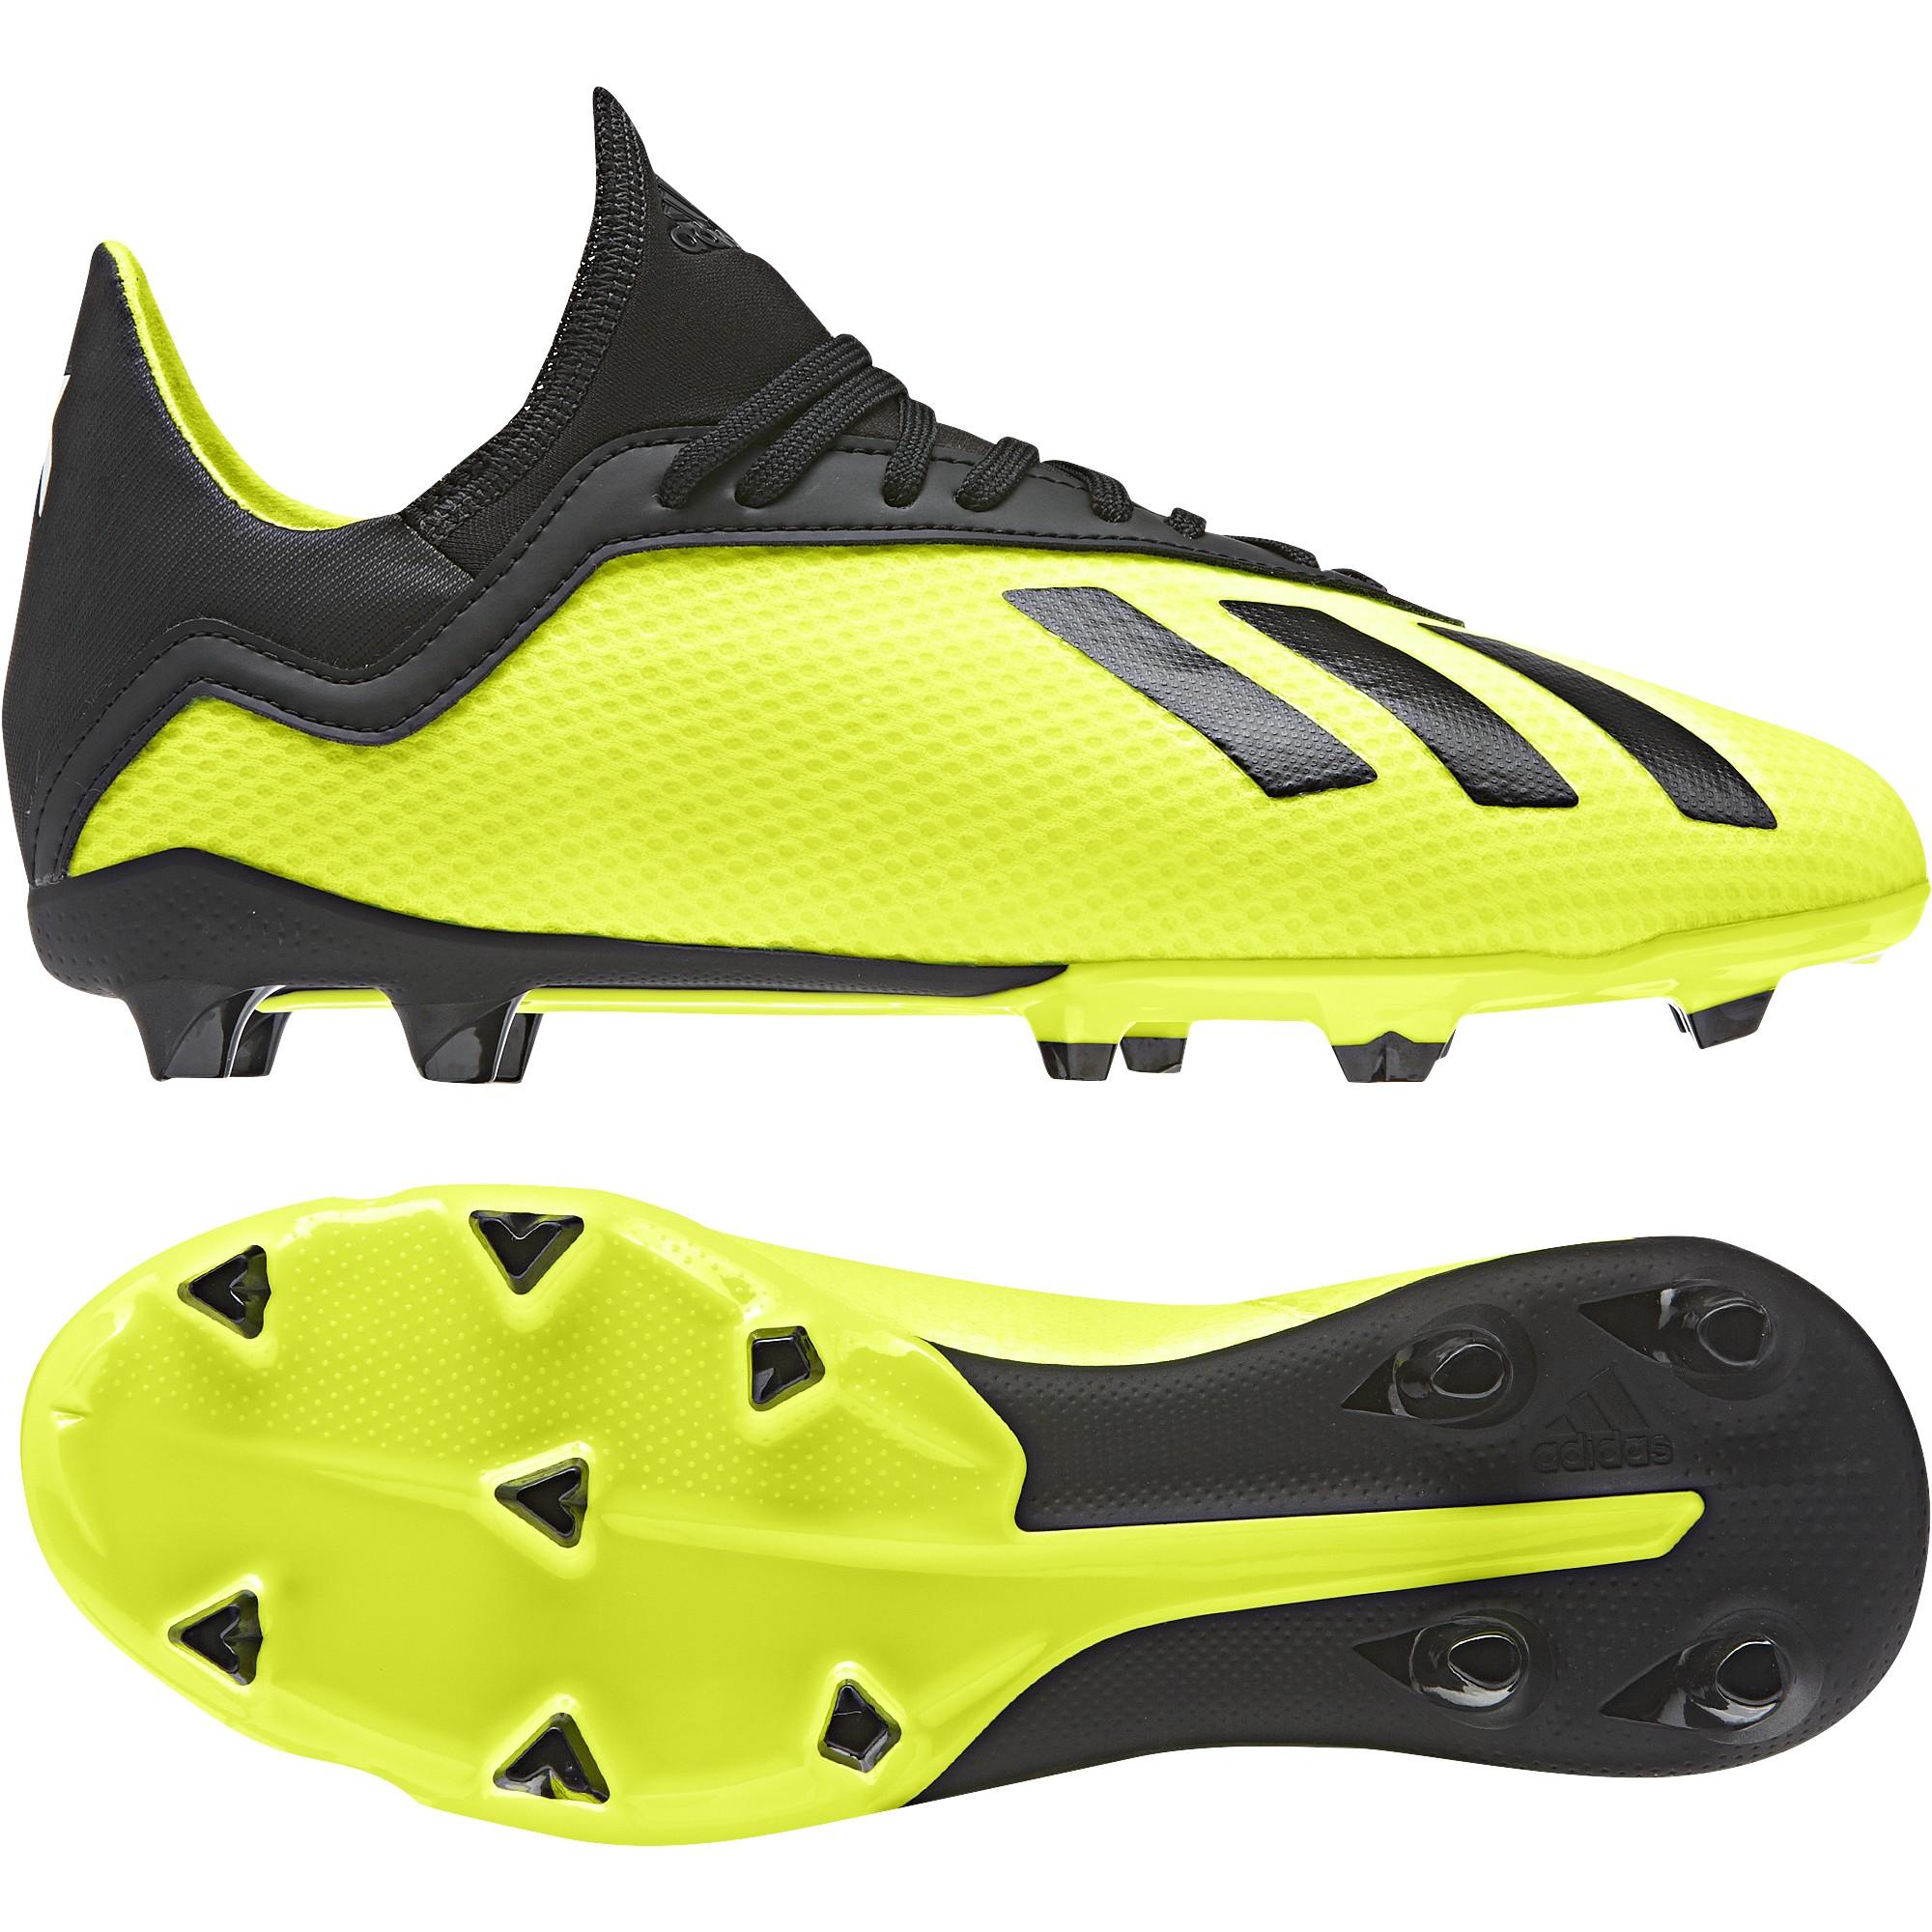 botas de futbol adidas x pro